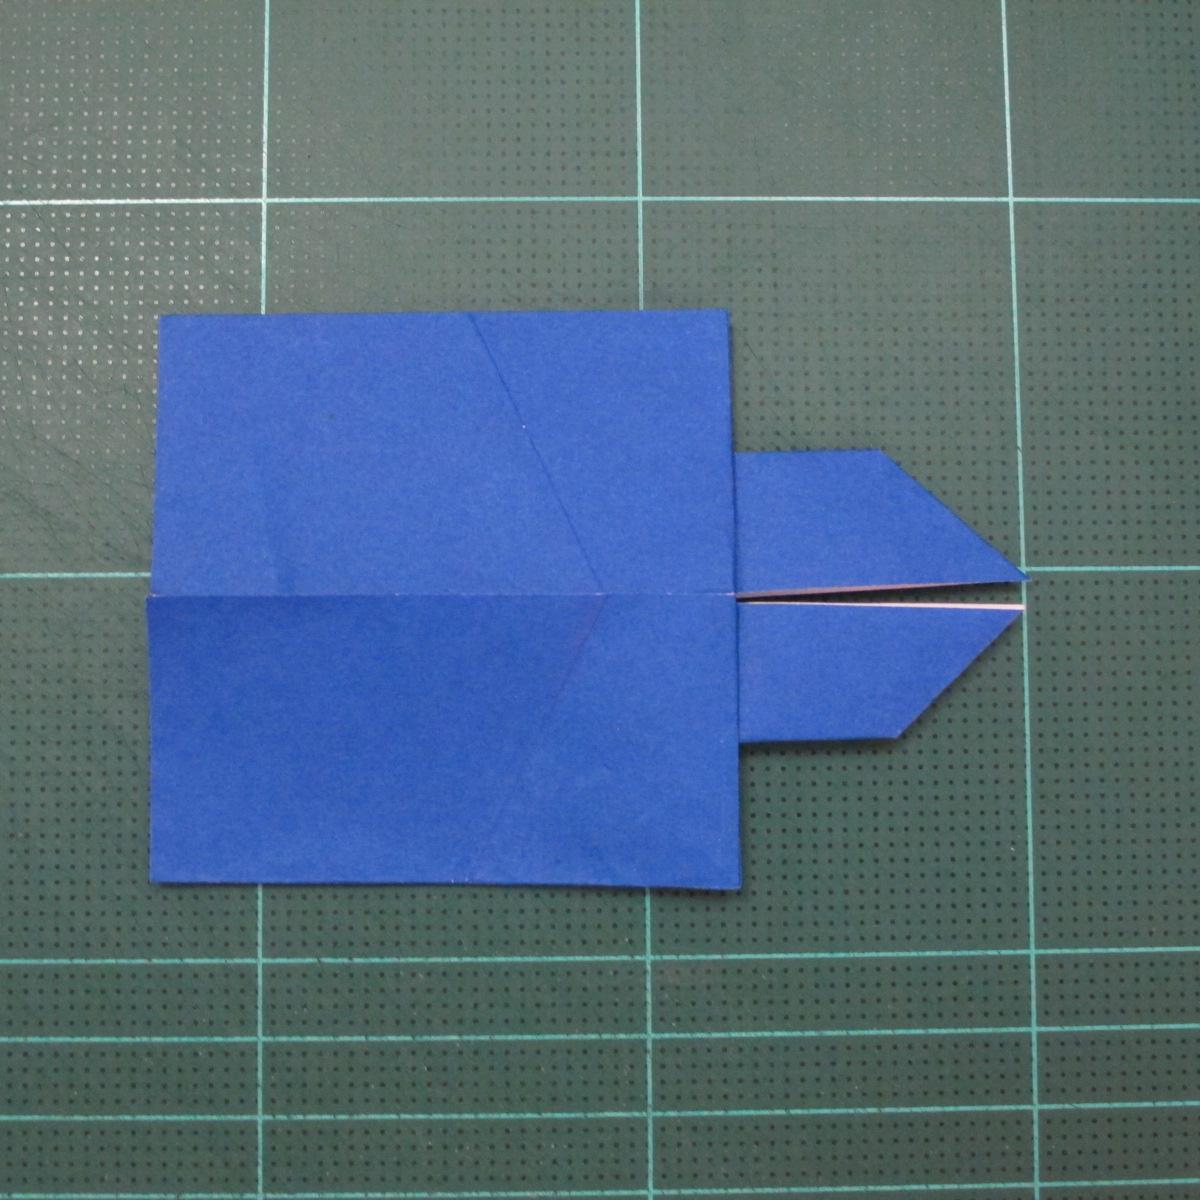 วิธีการพับกระดาษเป็นรูปกระต่าย แบบของเอ็ดวิน คอรี่ (Origami Rabbit)  016